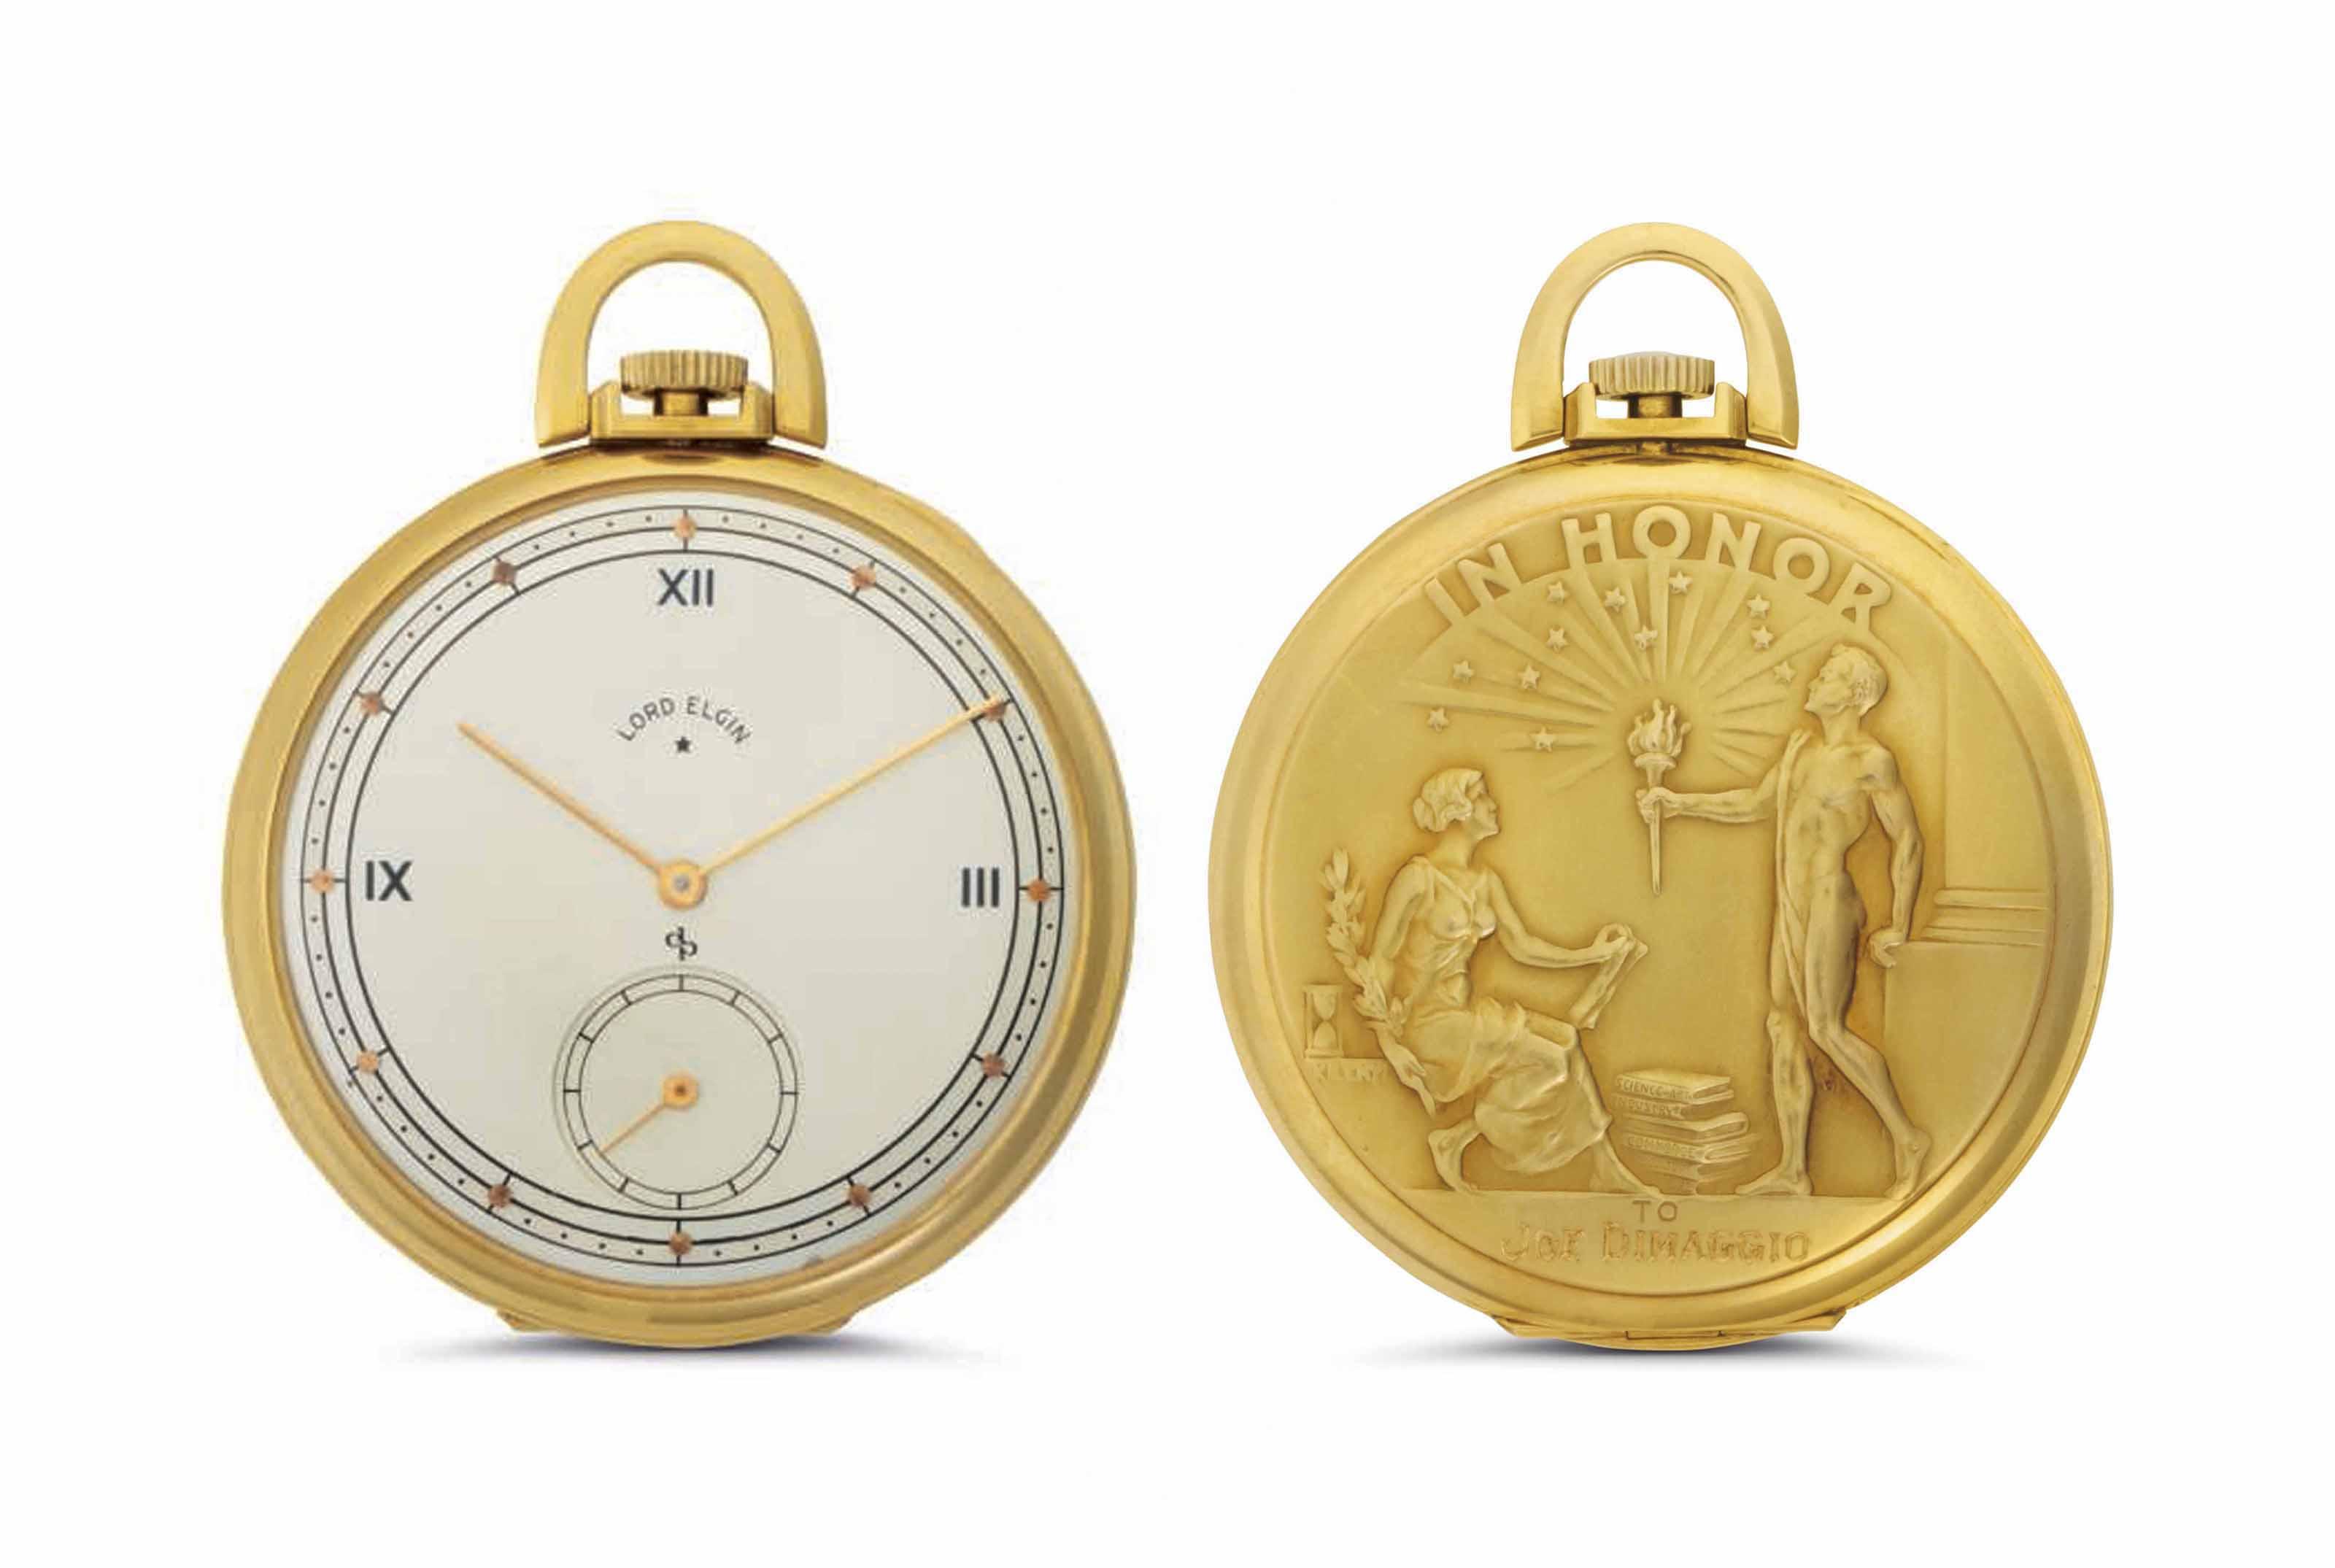 Elgin. A Fine 18k Gold Openface Pocket Watch, Belonging to American Major League Baseball Legend Joe DiMaggio